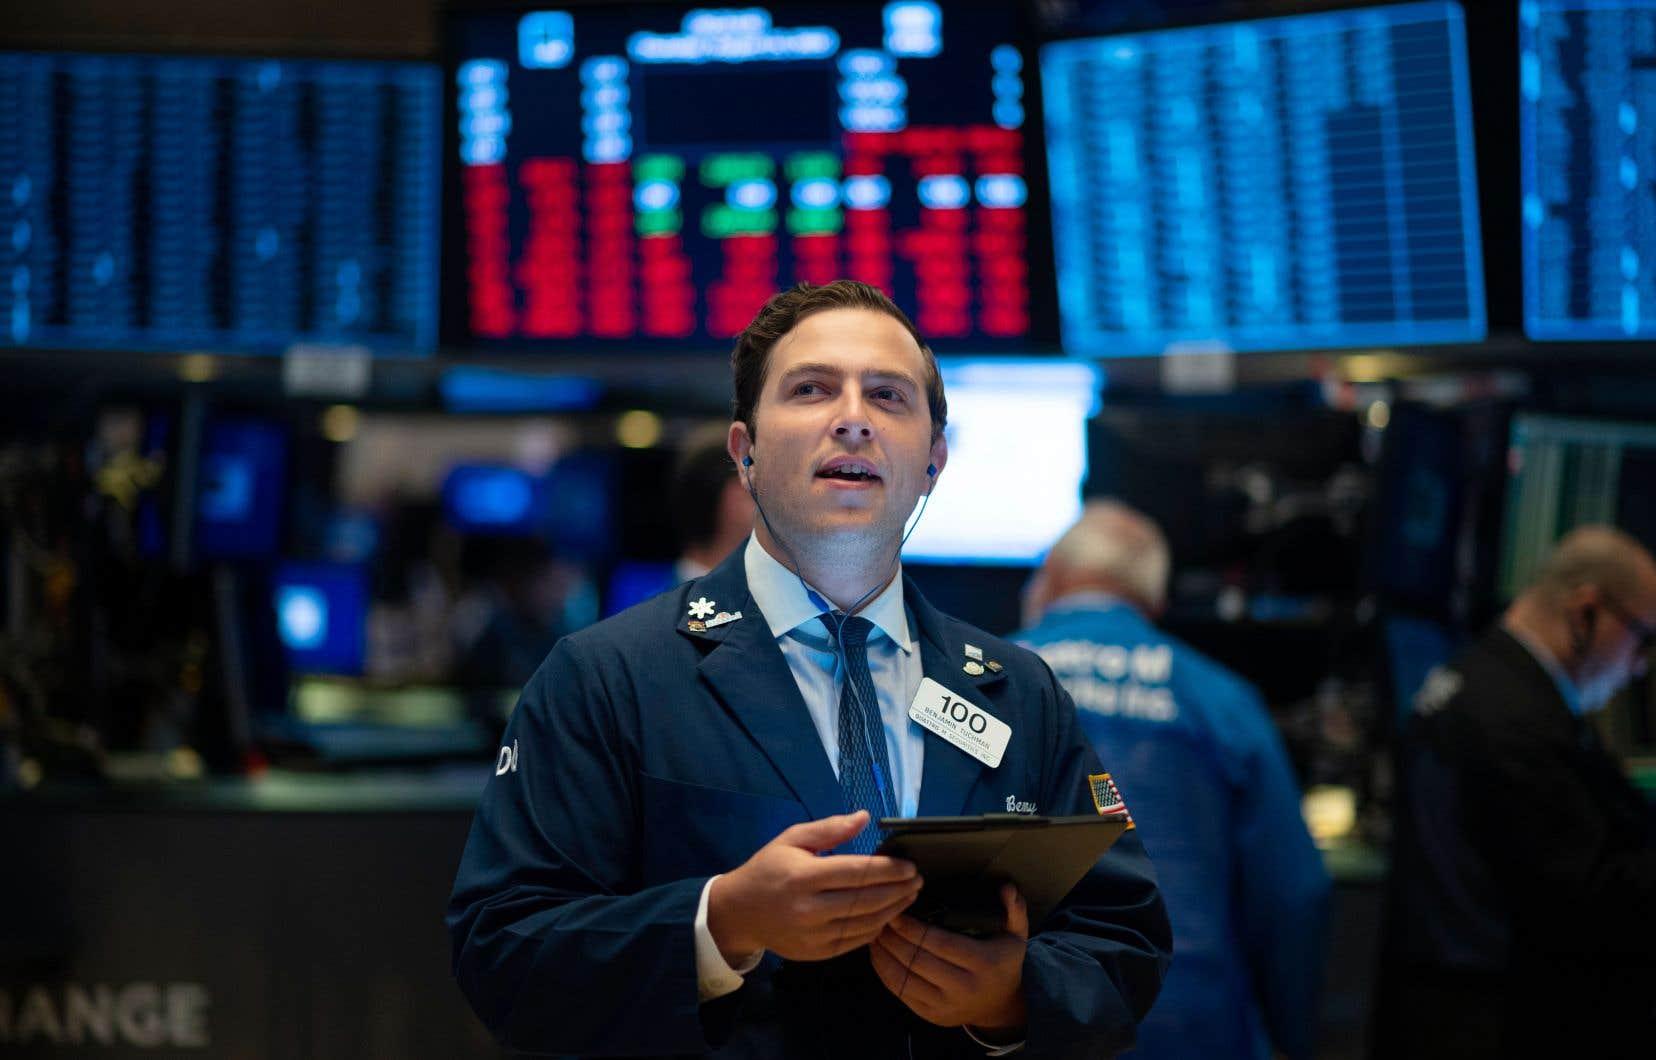 La séance de jeudi à la Bourse de New York a été marquée par de multiples changements de tendance, les principaux indices alternant entre le vert et le rouge.